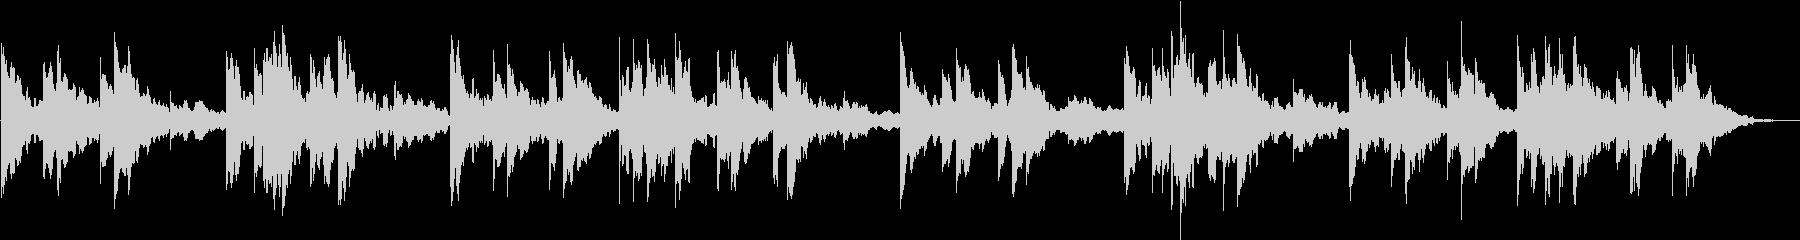 悲しいベル(loop仕様)の未再生の波形